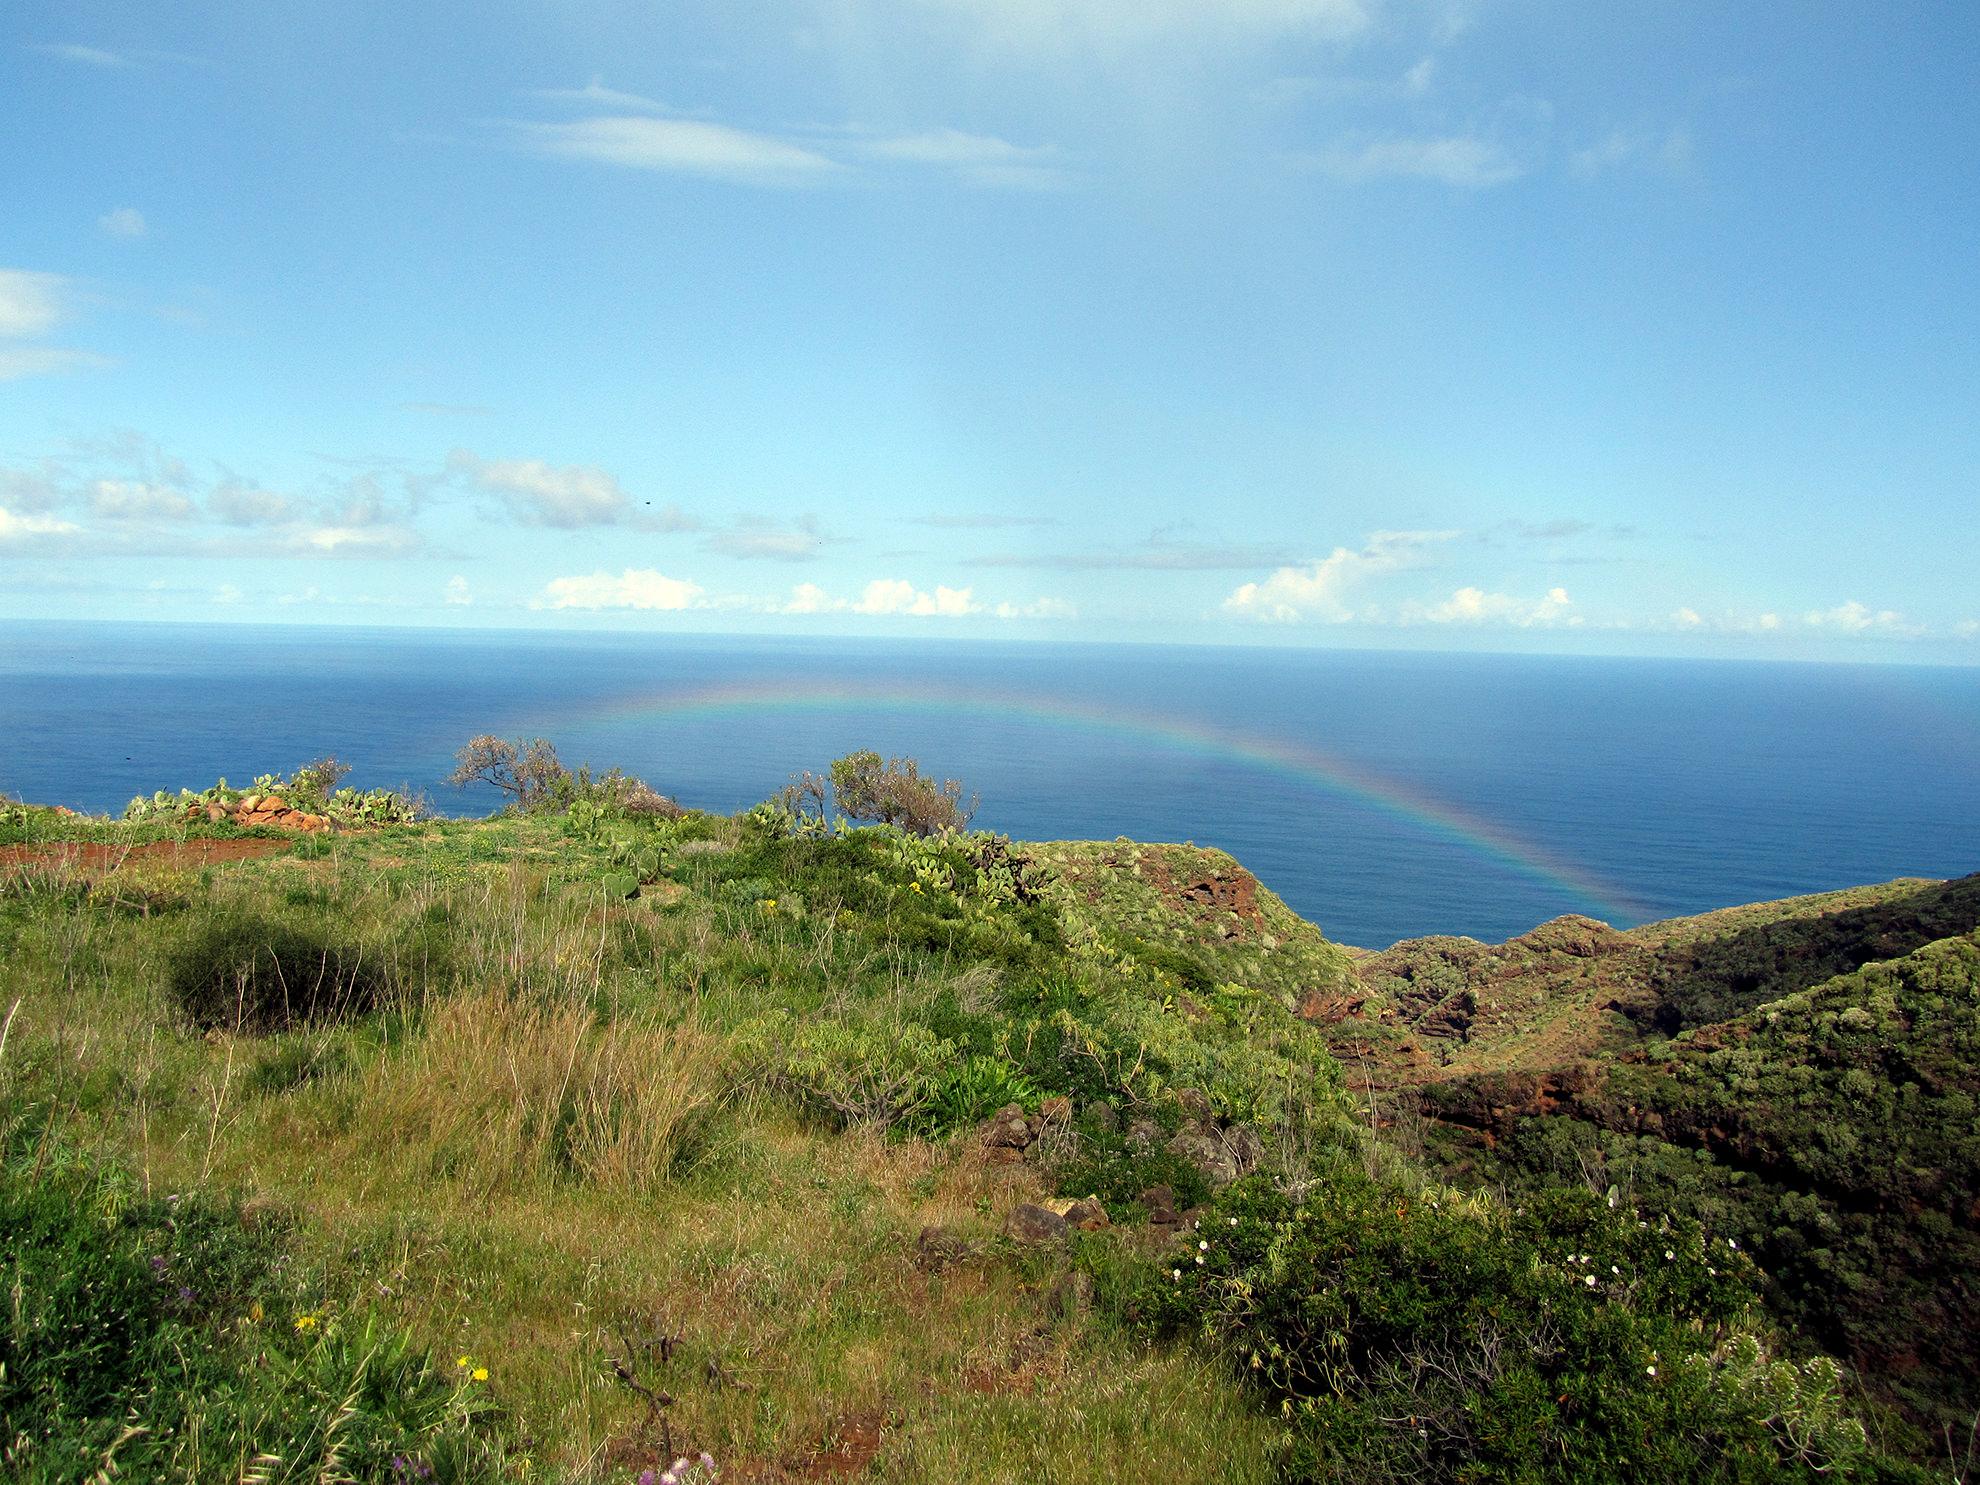 10 motivi per visitare la palma canarie garafia-arcobaleno